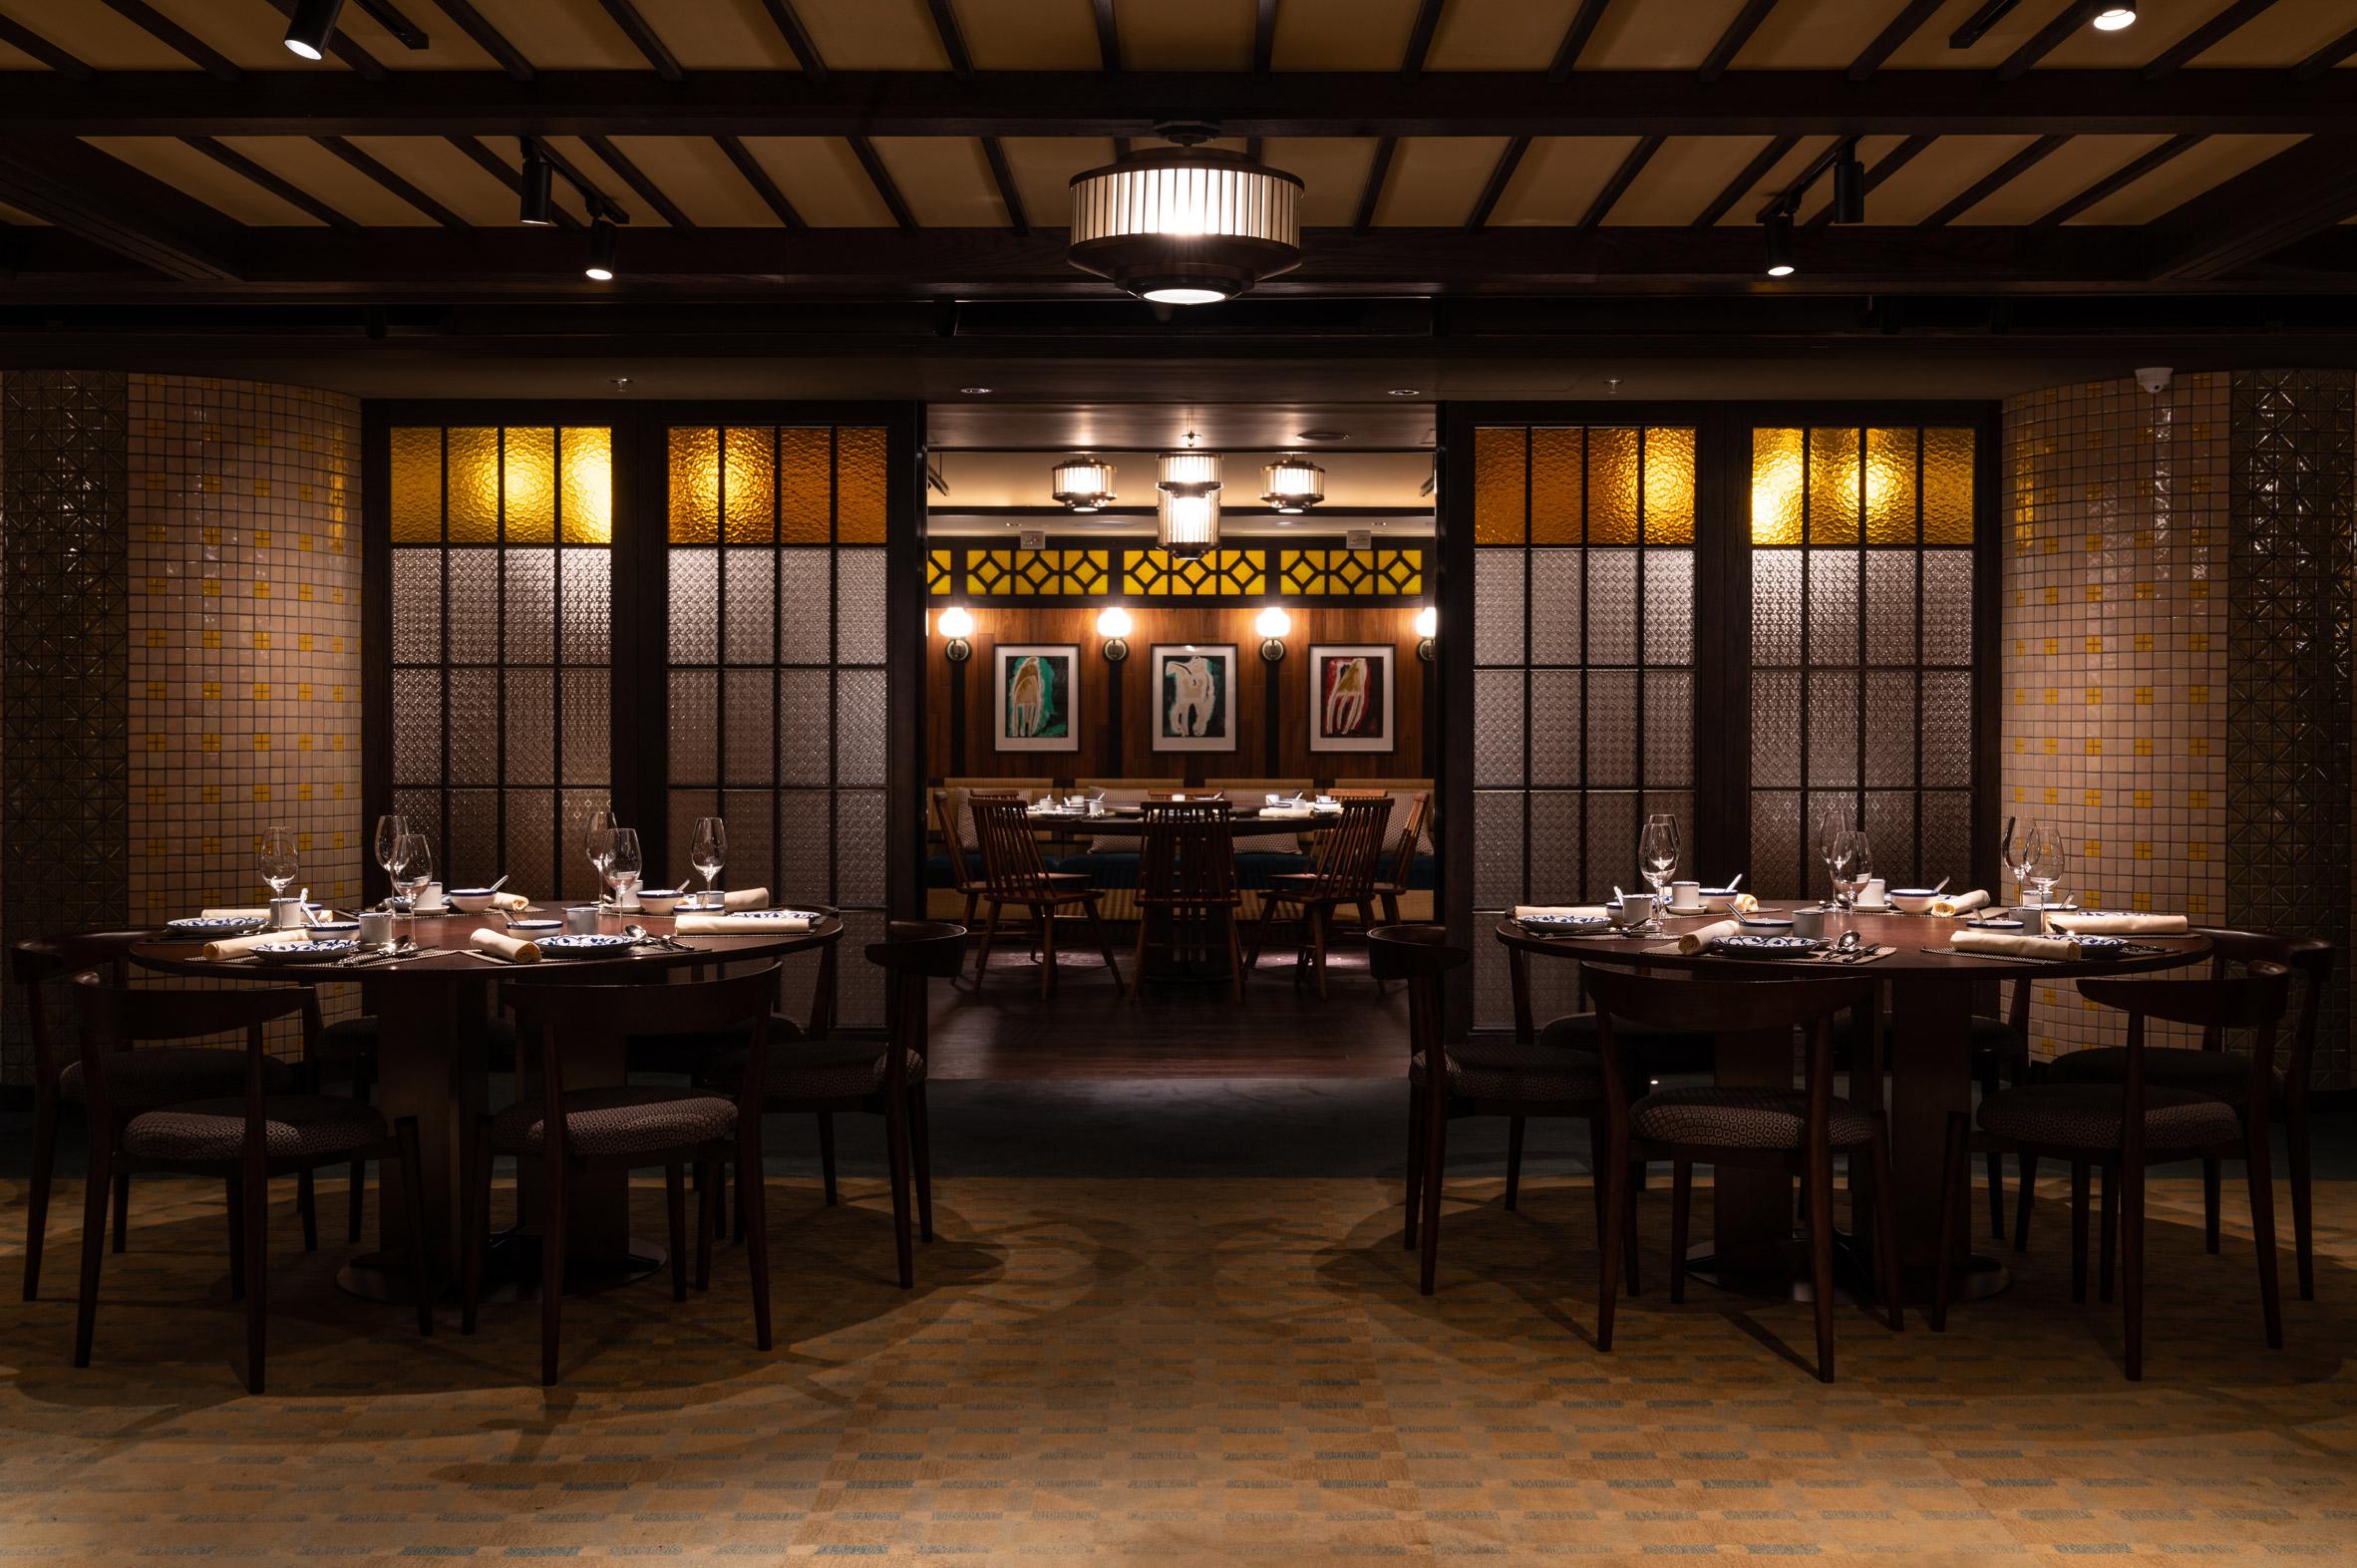 Nội thất nhà hàngăn uống 2